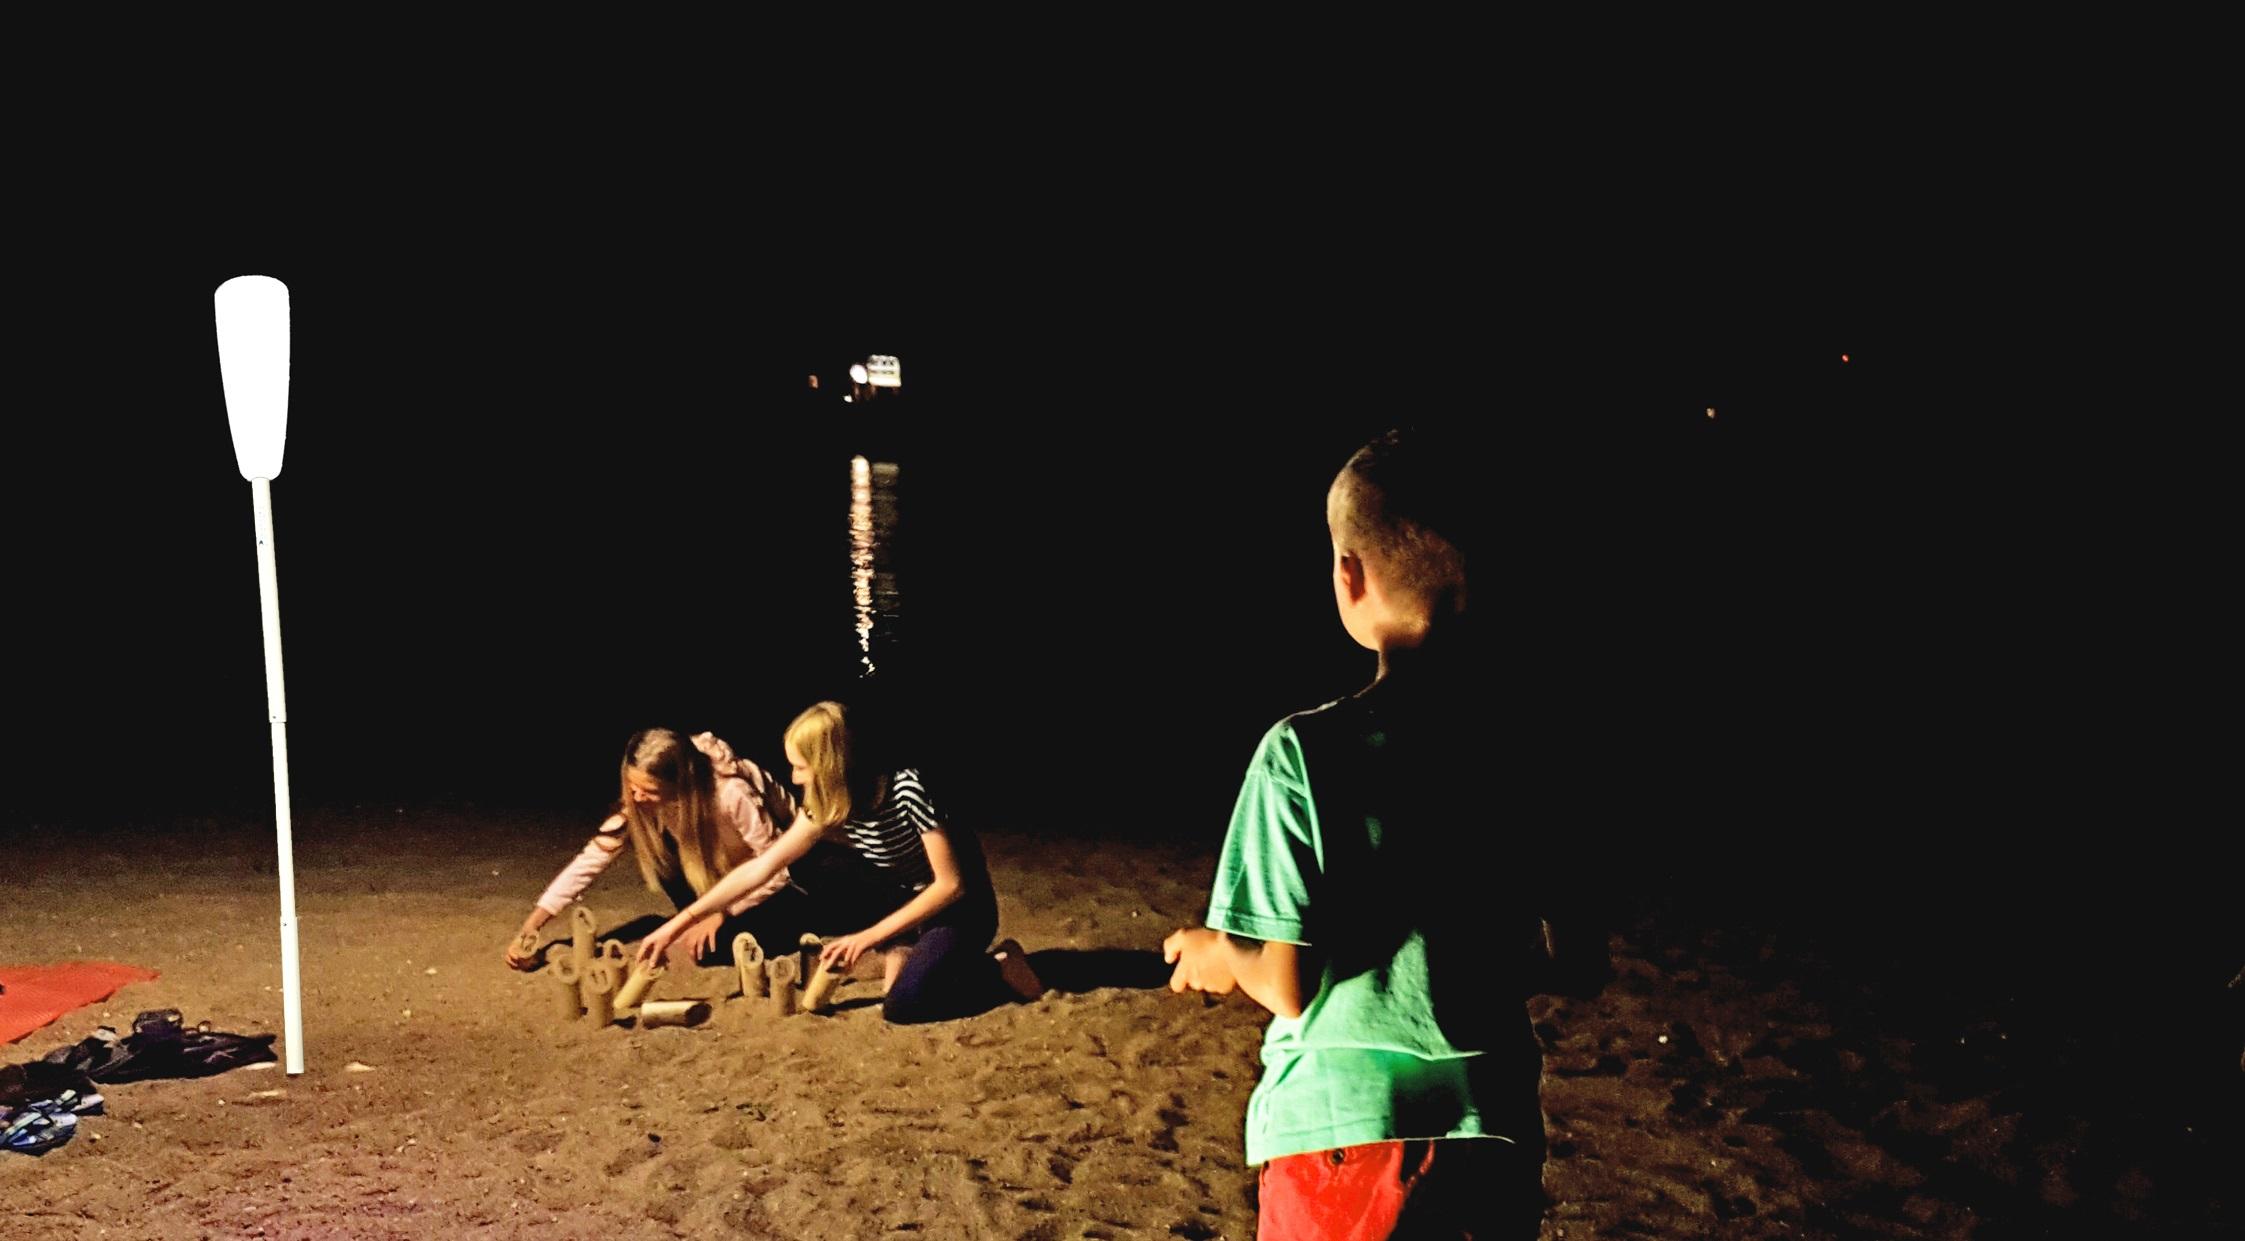 12 Profiter de la plage... tard - eclairage exterieur sans fil rechargeable nomade Paranocta